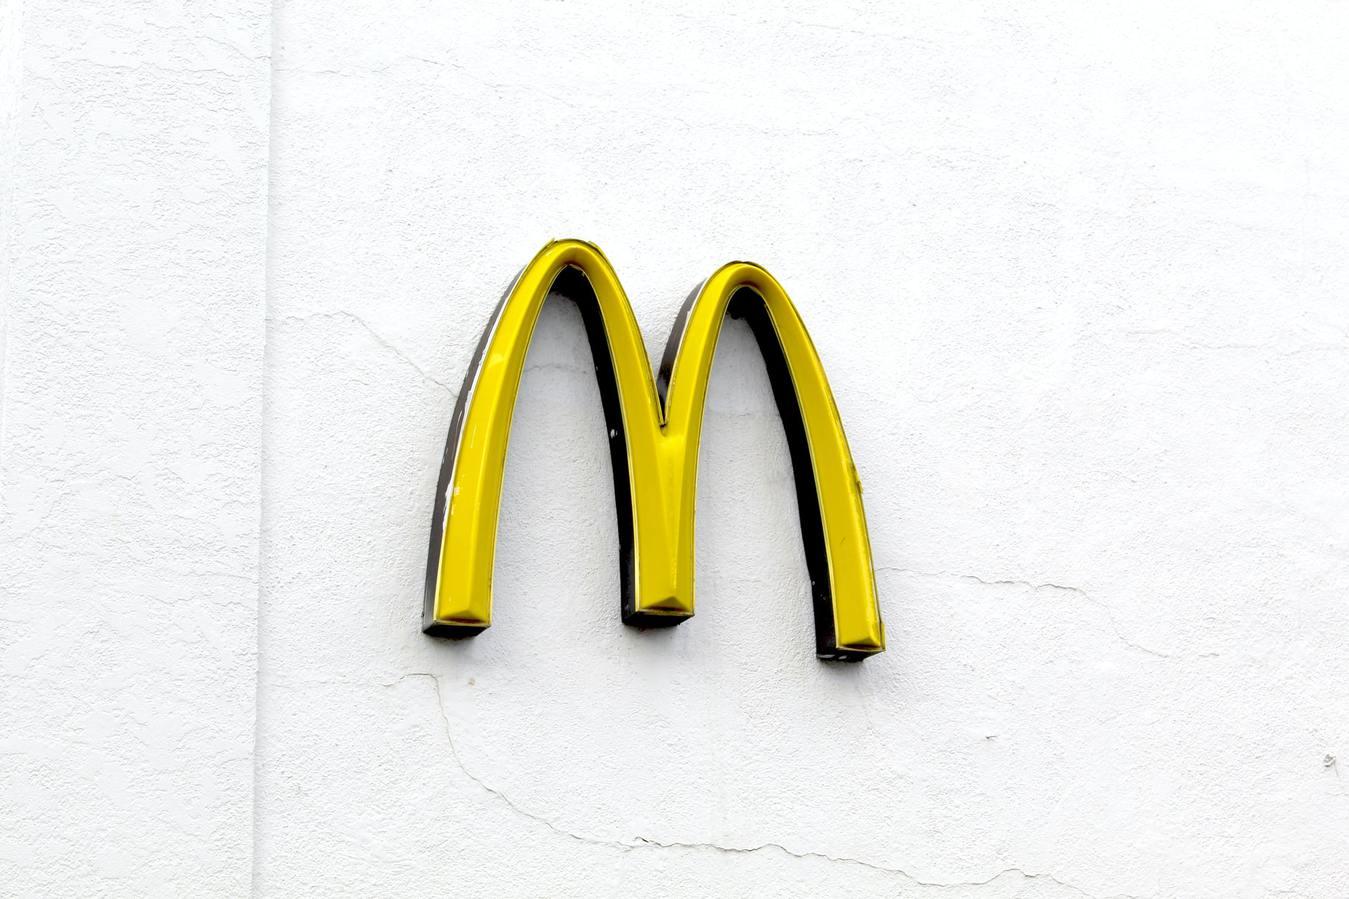 Złote łuki McDonalds na białym tle